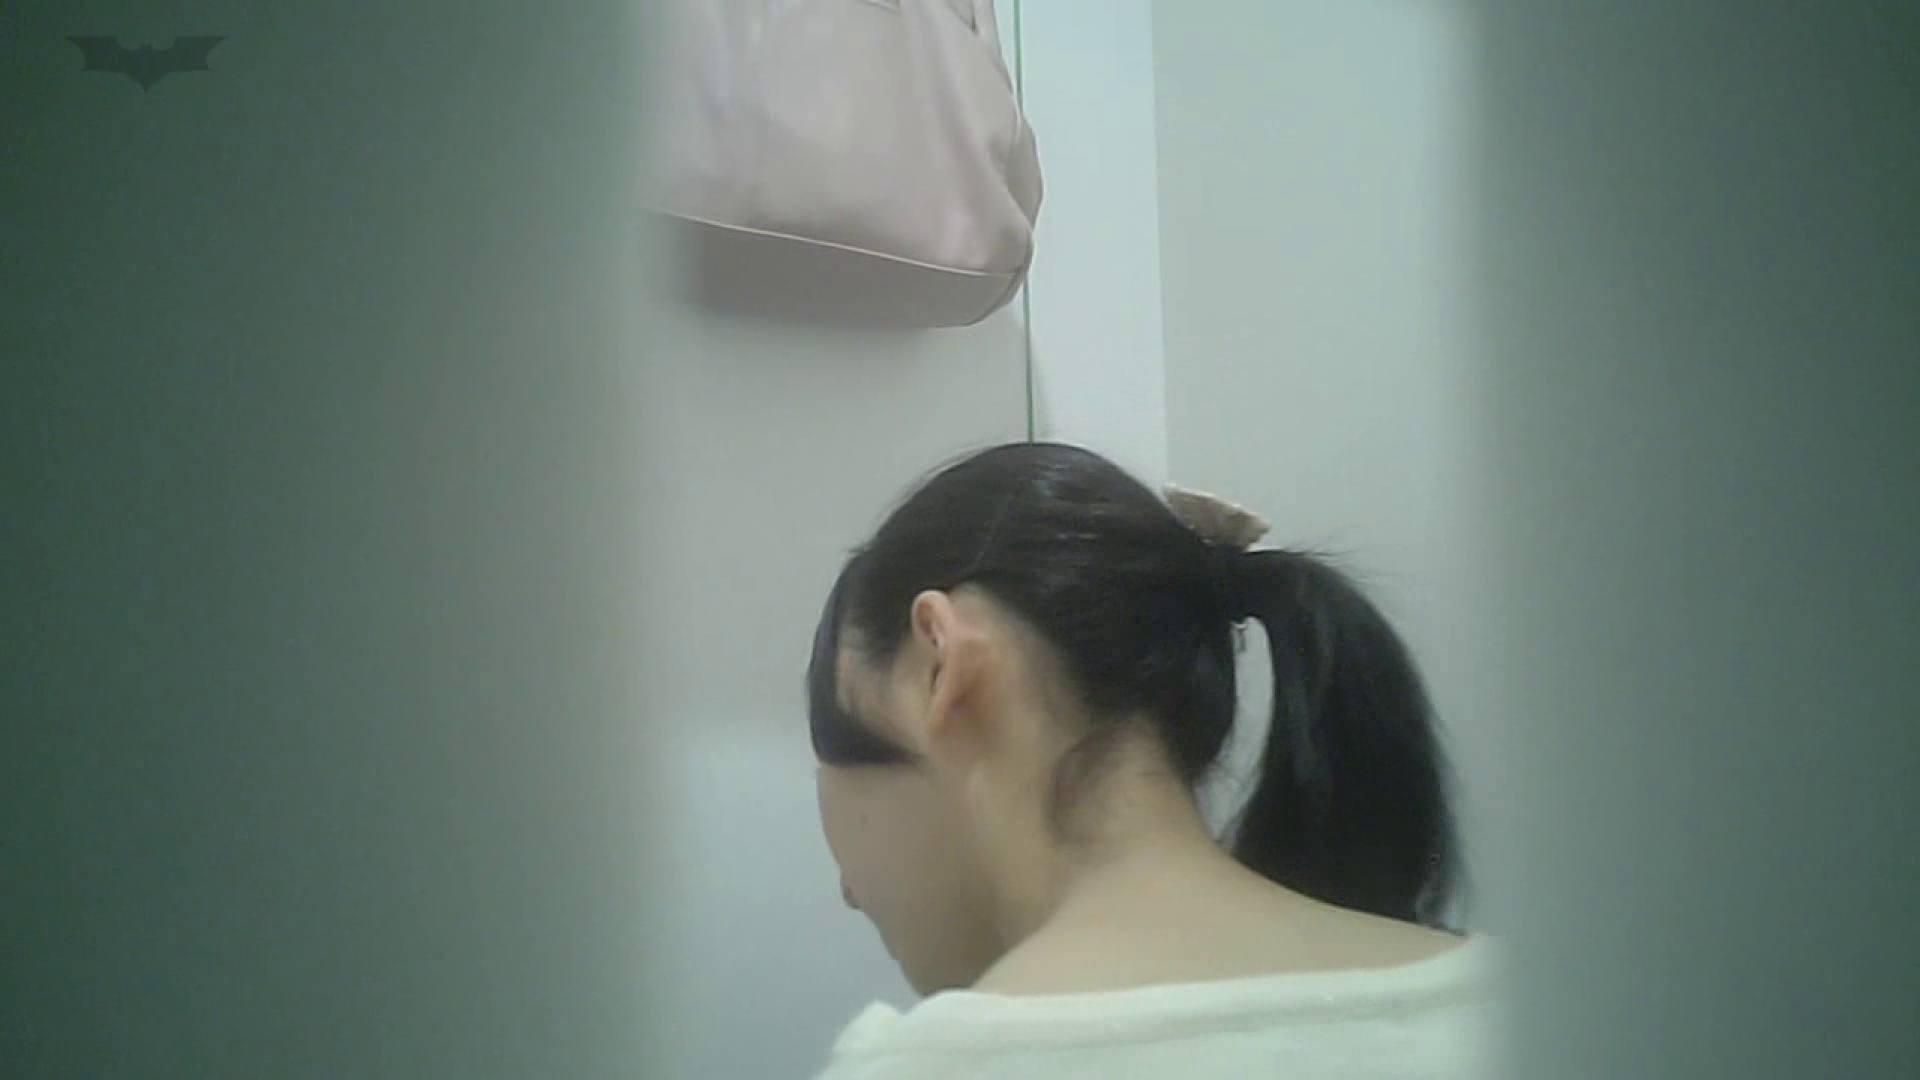 有名大学女性洗面所 vol.40 ??おまじない的な動きをする子がいます。 投稿物  22連発 12